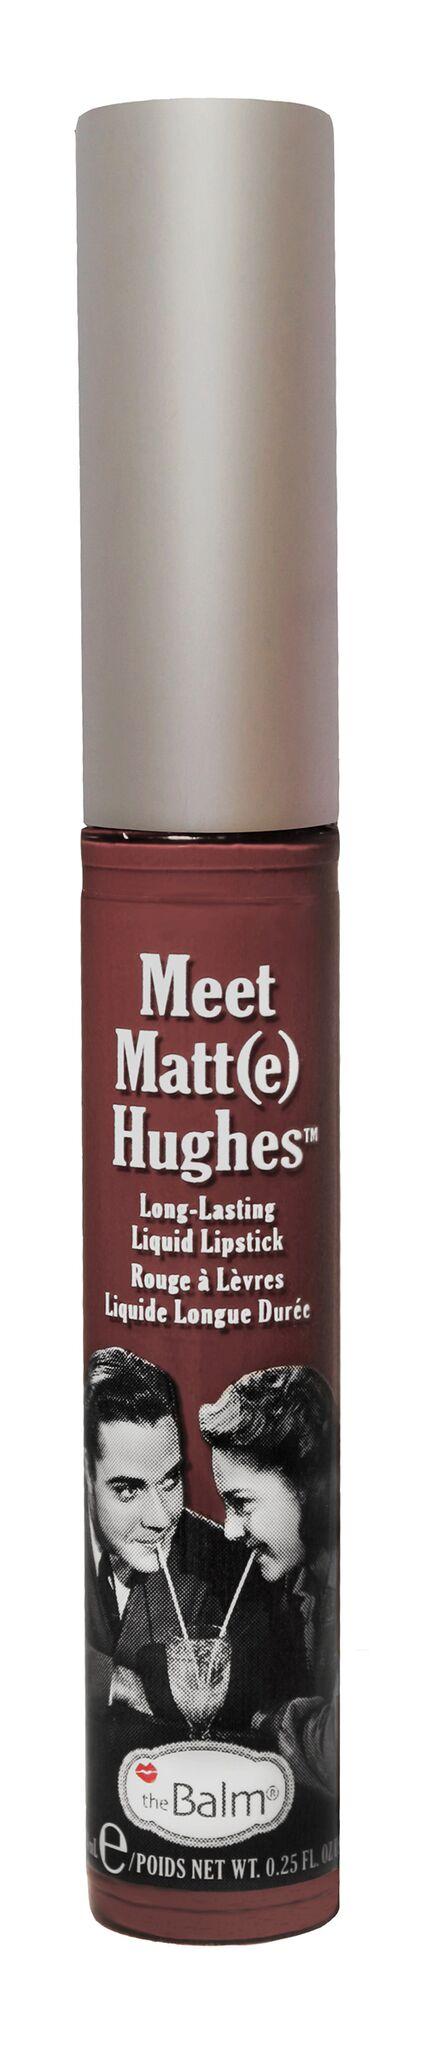 Meet Matte Hughes Charming